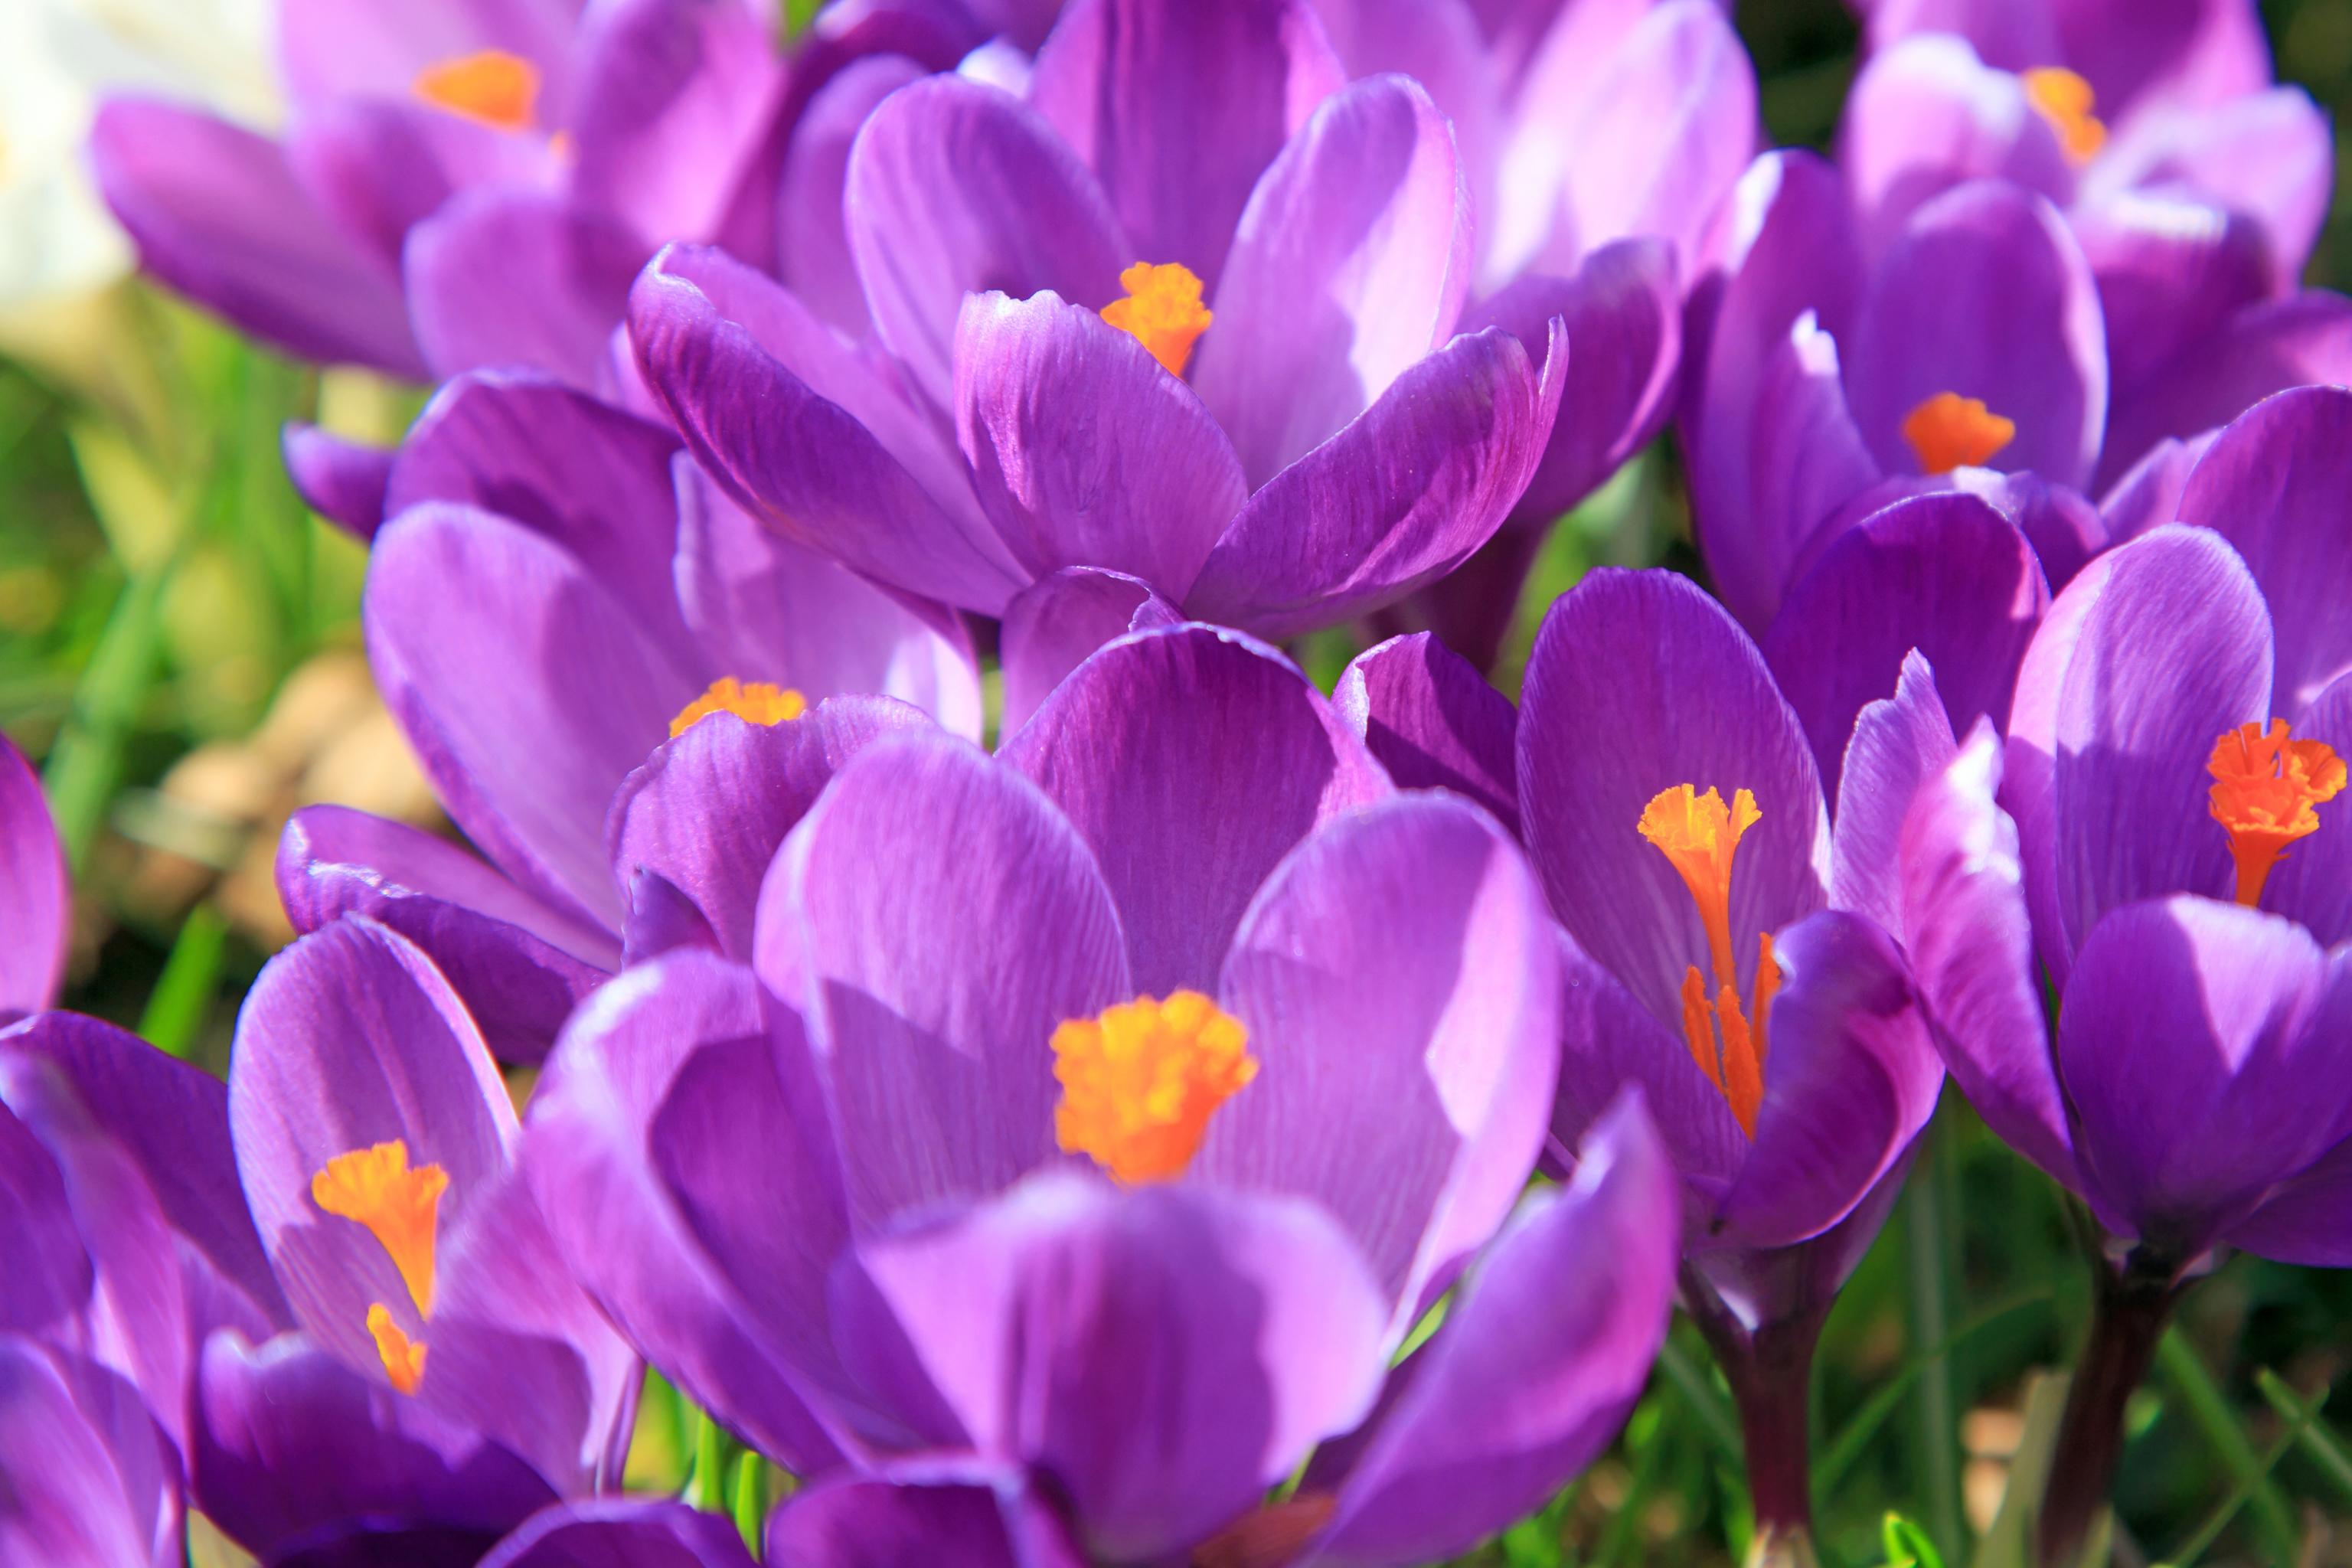 Картинка фиолетовая Цветы Крокусы вблизи фиолетовых фиолетовые Фиолетовый цветок Шафран Крупным планом